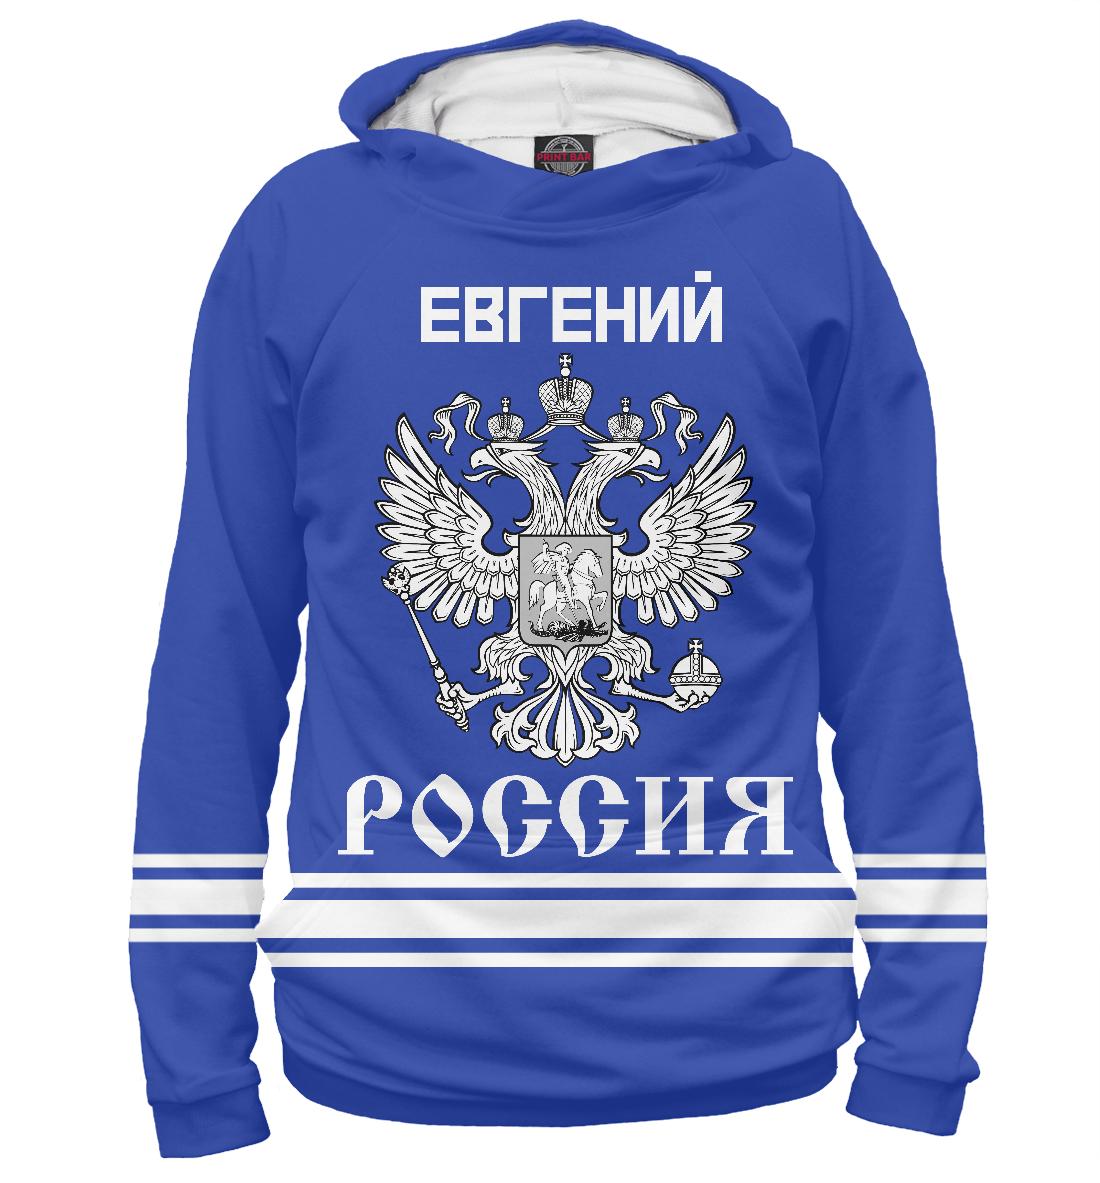 ЕВГЕНИЙ sport russia collection, Printbar, Худи, EVG-287467-hud-2  - купить со скидкой